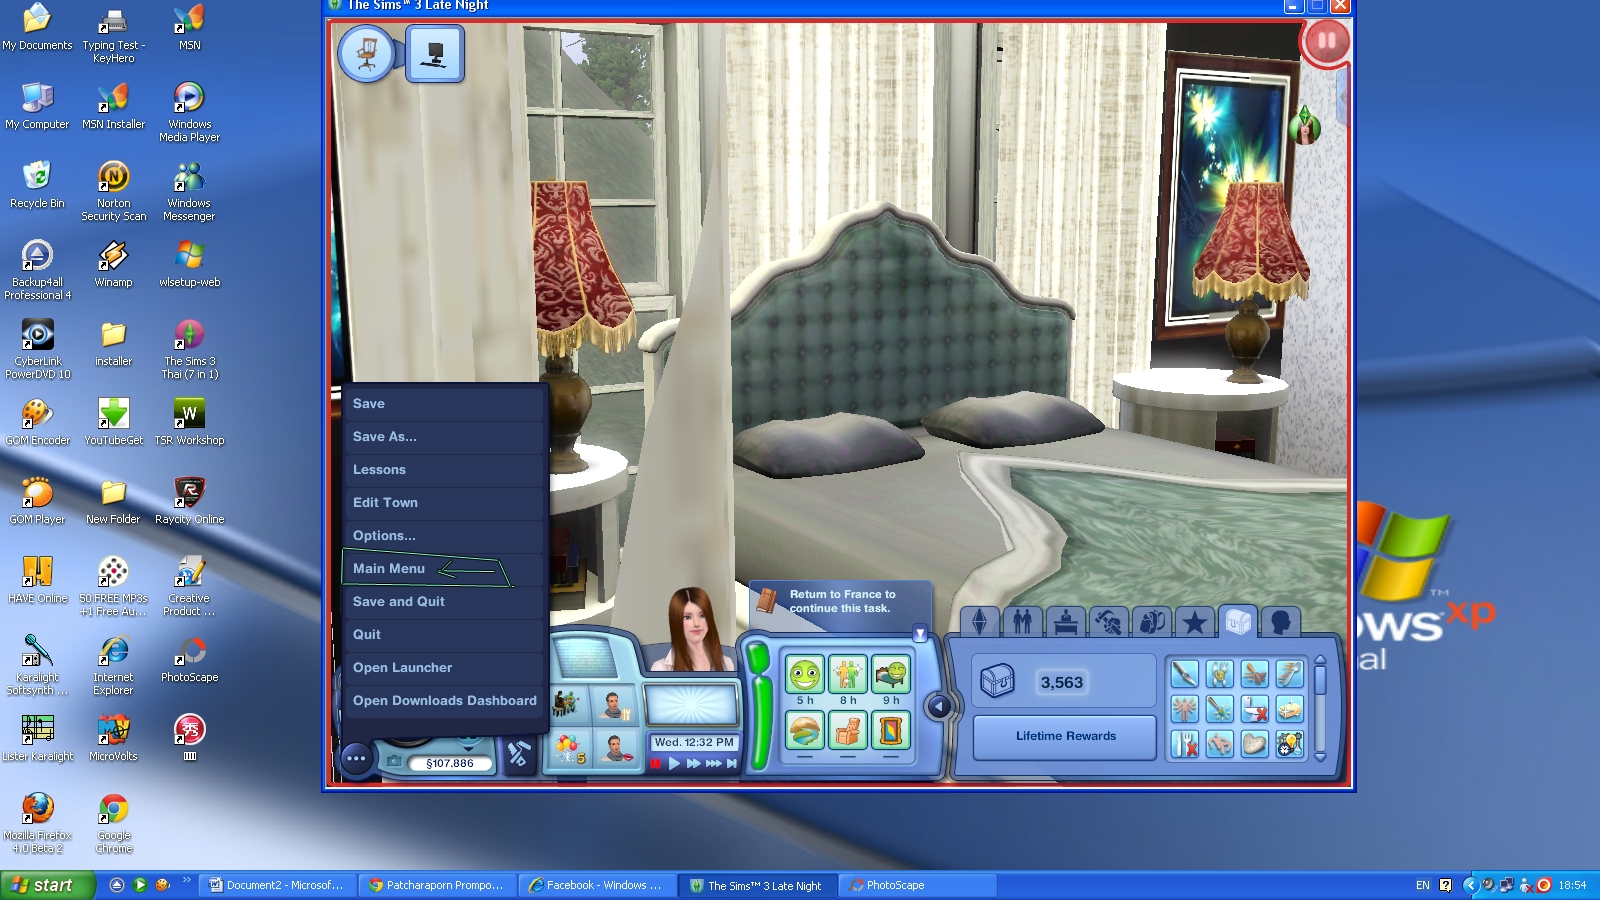 โกงรางวัลชีวิต The Sims 3